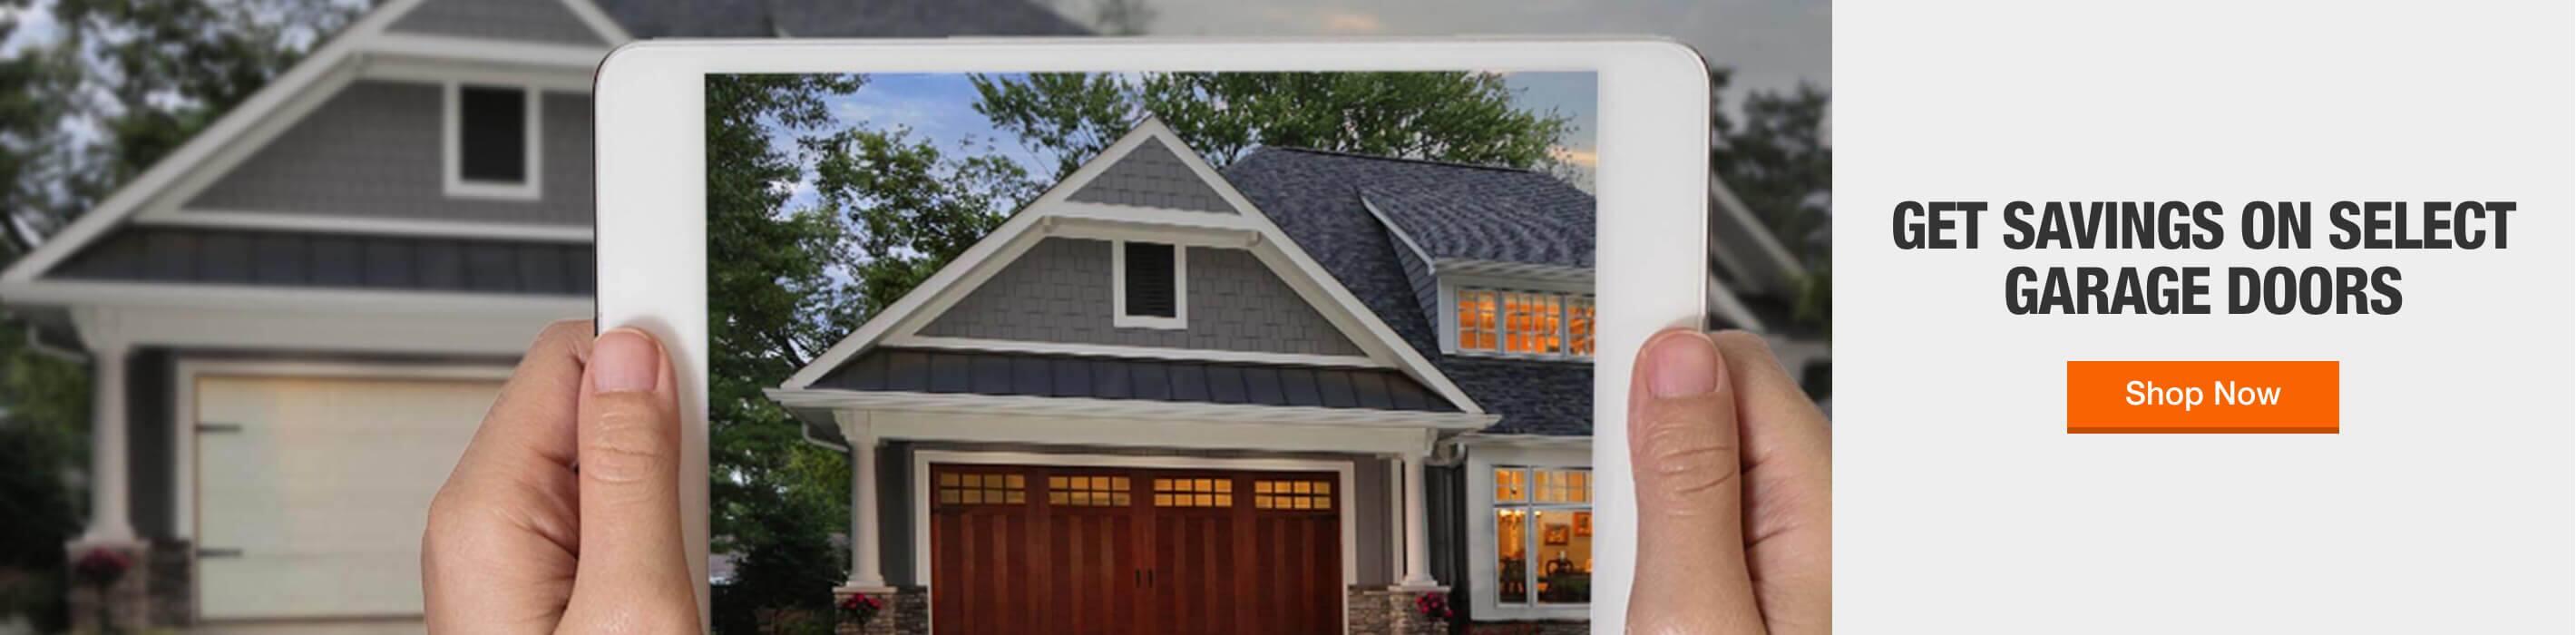 Up to 15% off select special order garage door openers